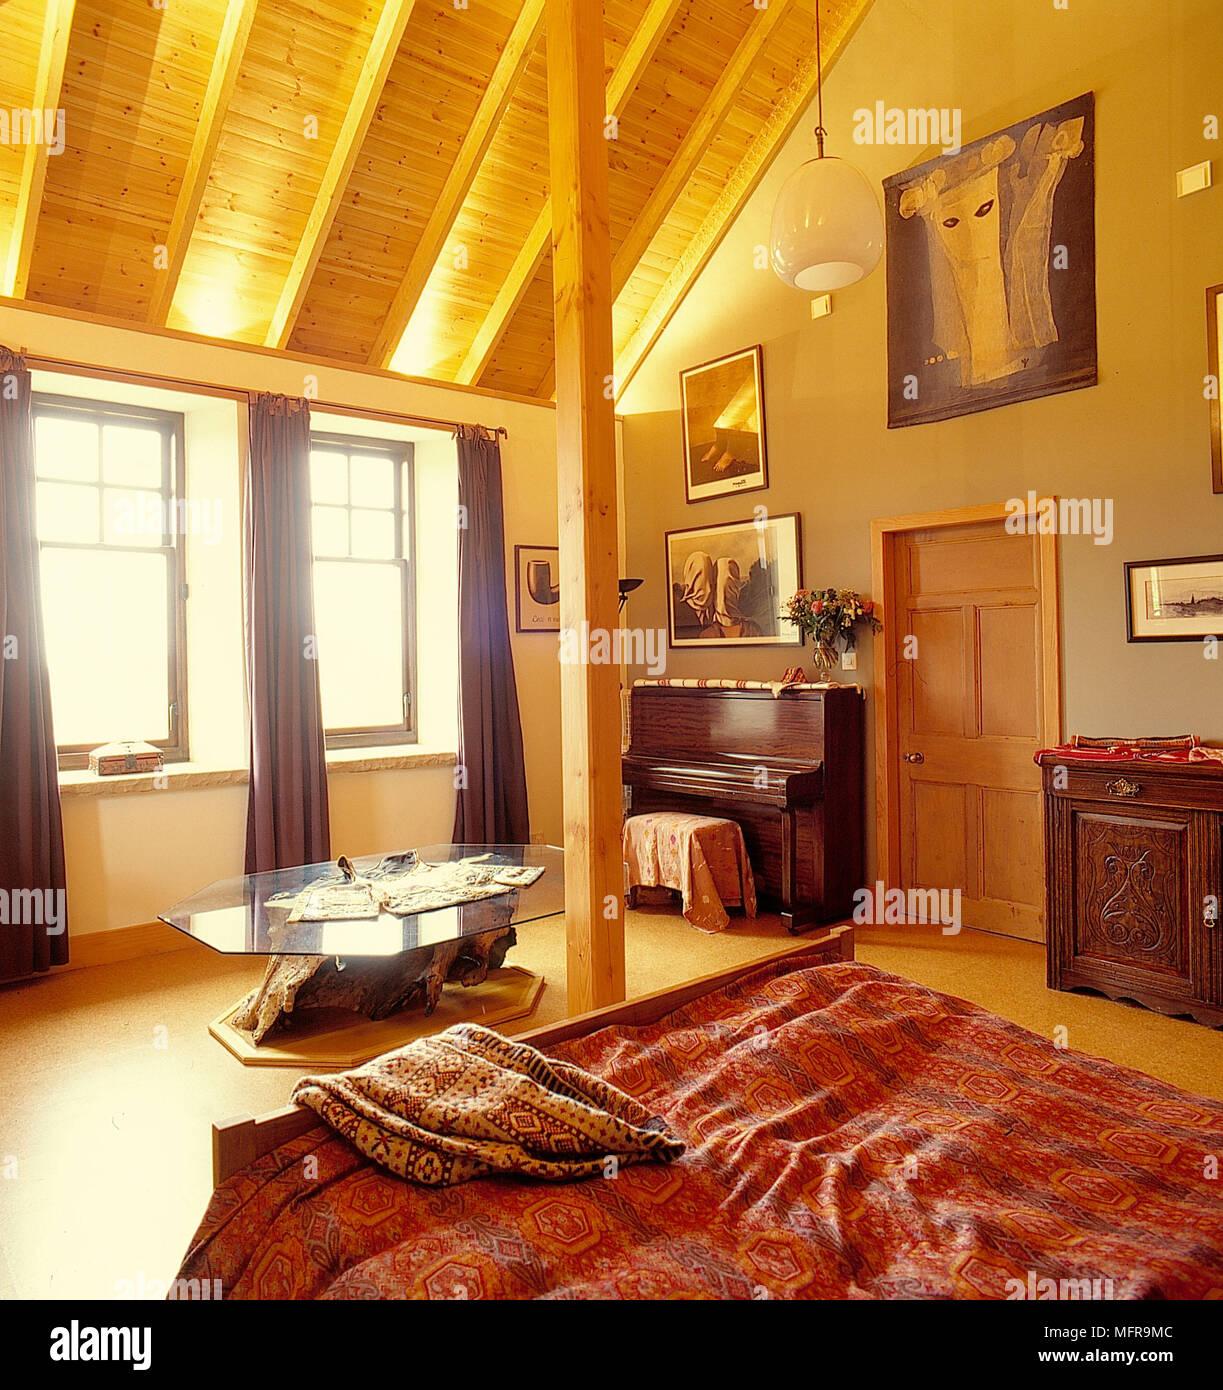 Land Schlafzimmer neutrale Wände schräge Decke aus Holz leuchten ...